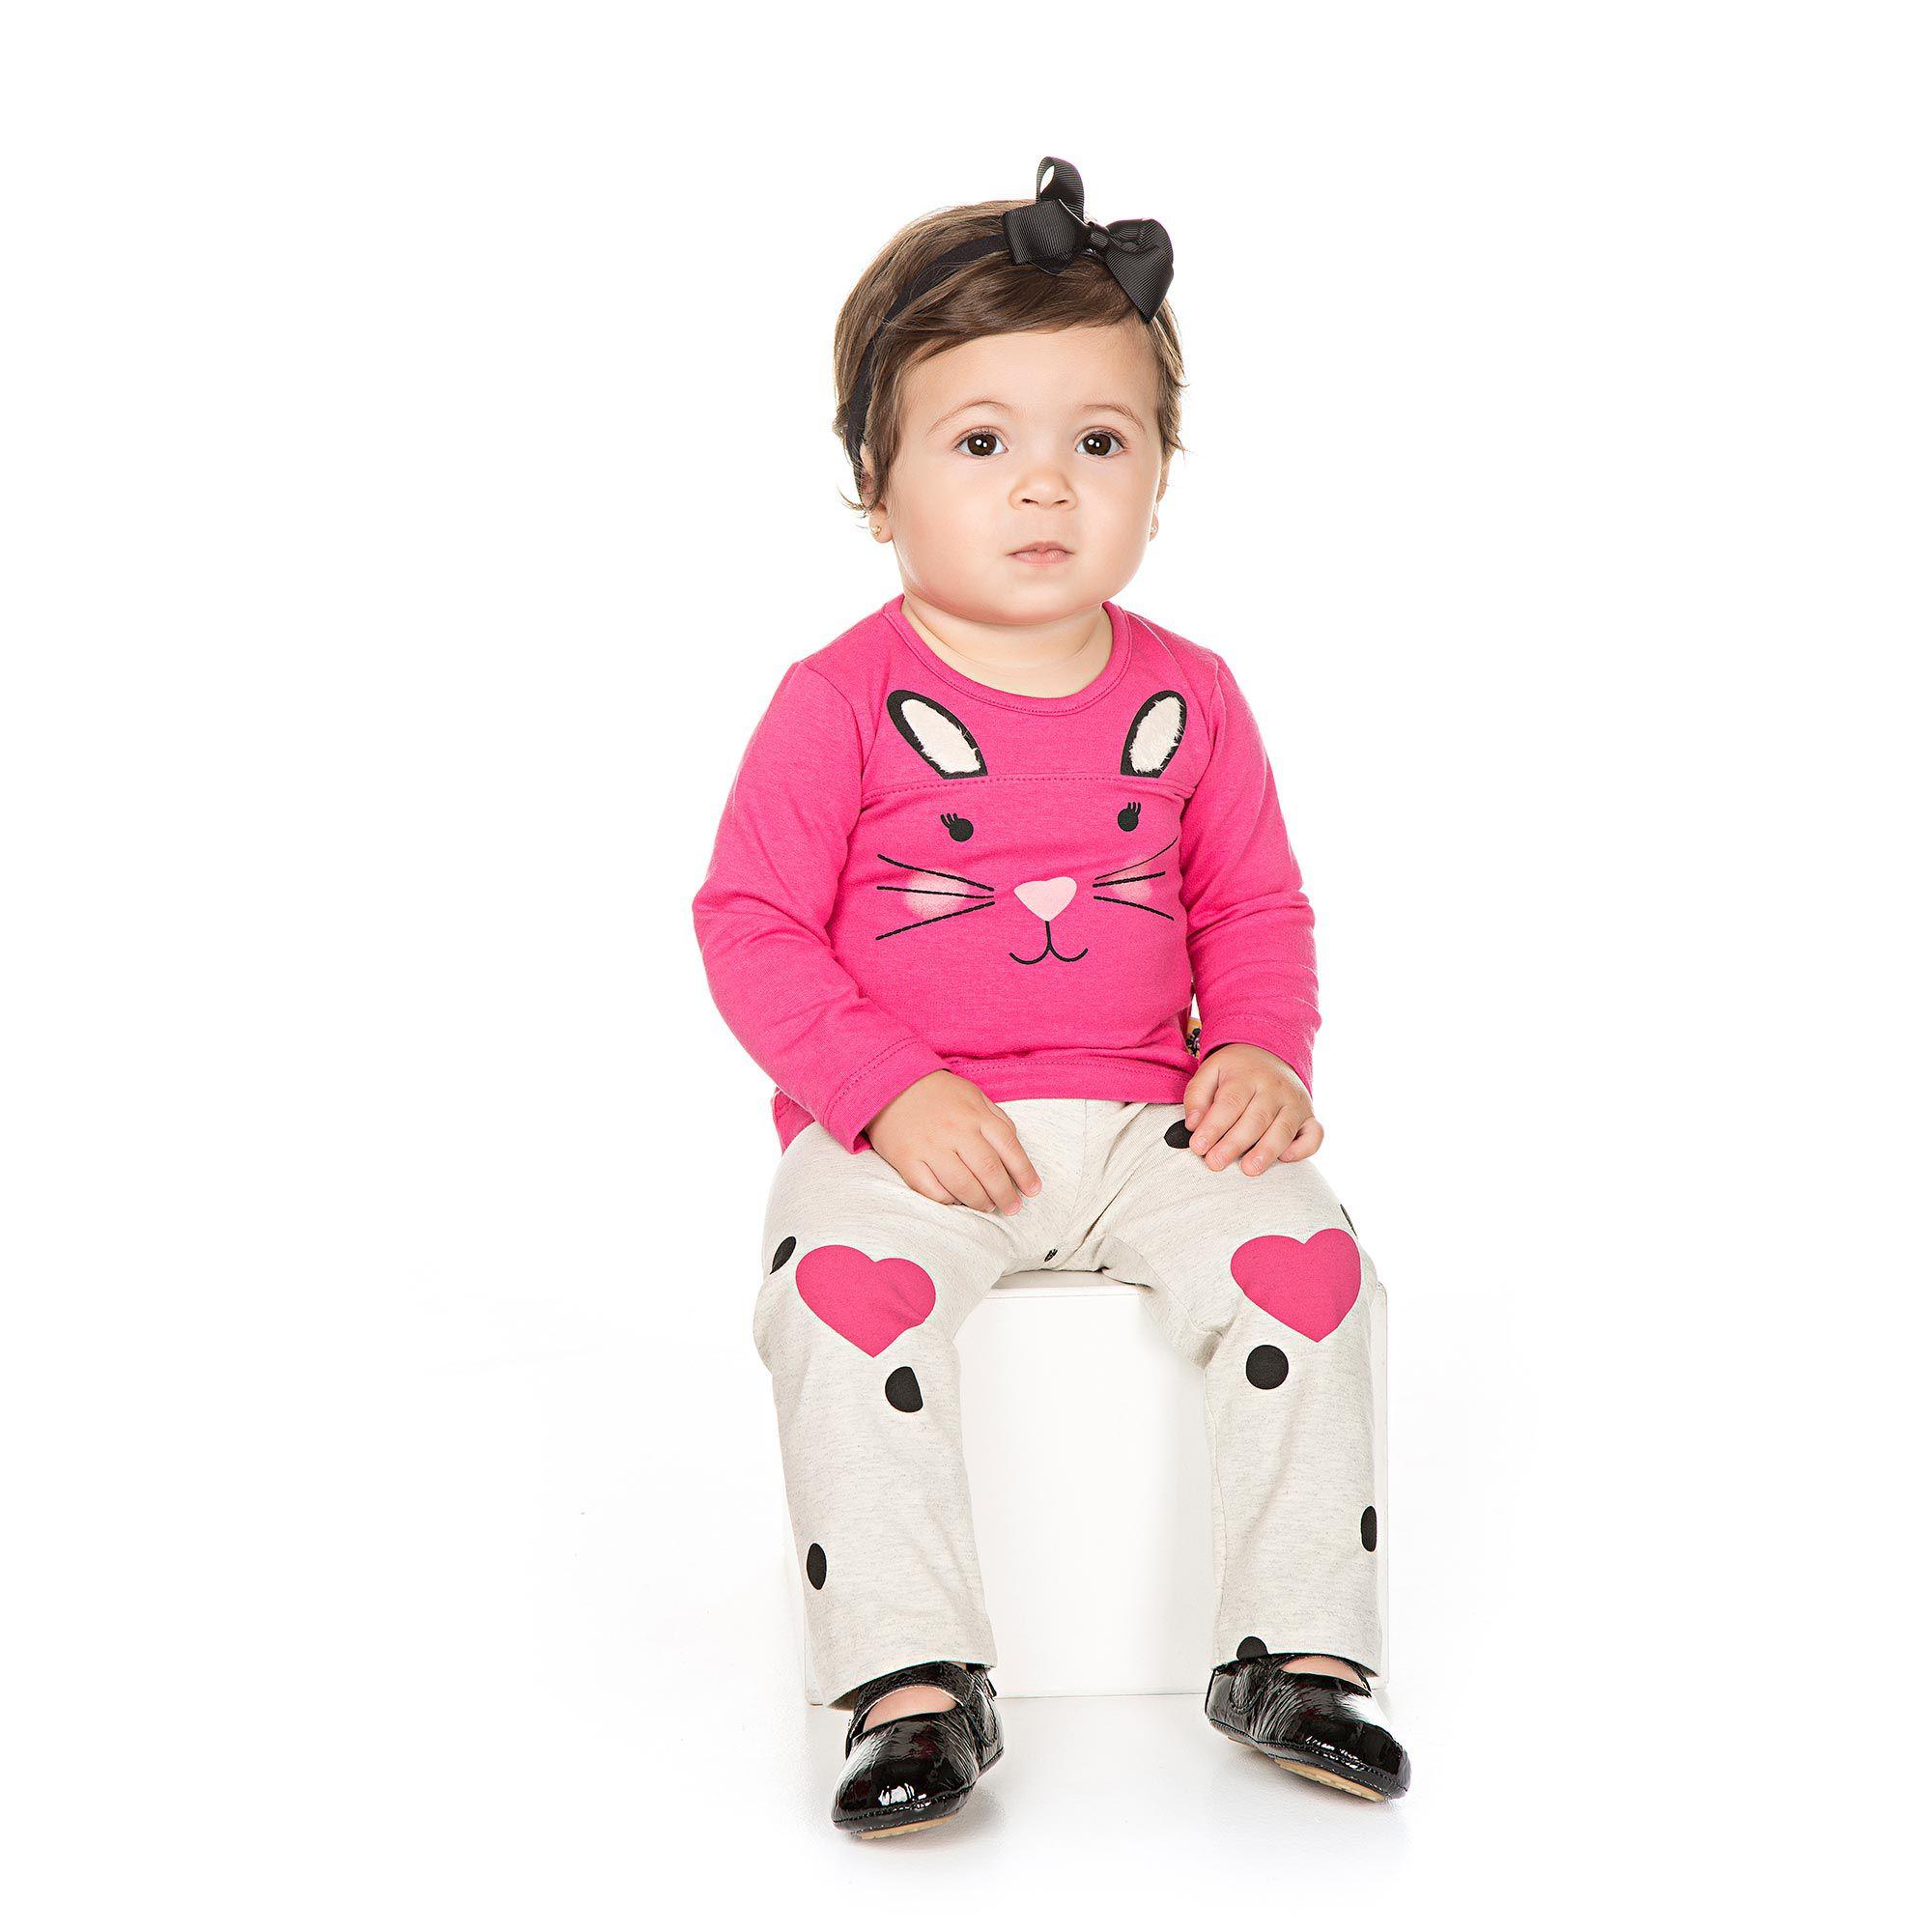 Conjunto Blusa e Legging  para Bebê 2 peças - Ref 4936 - Pink/Mescla